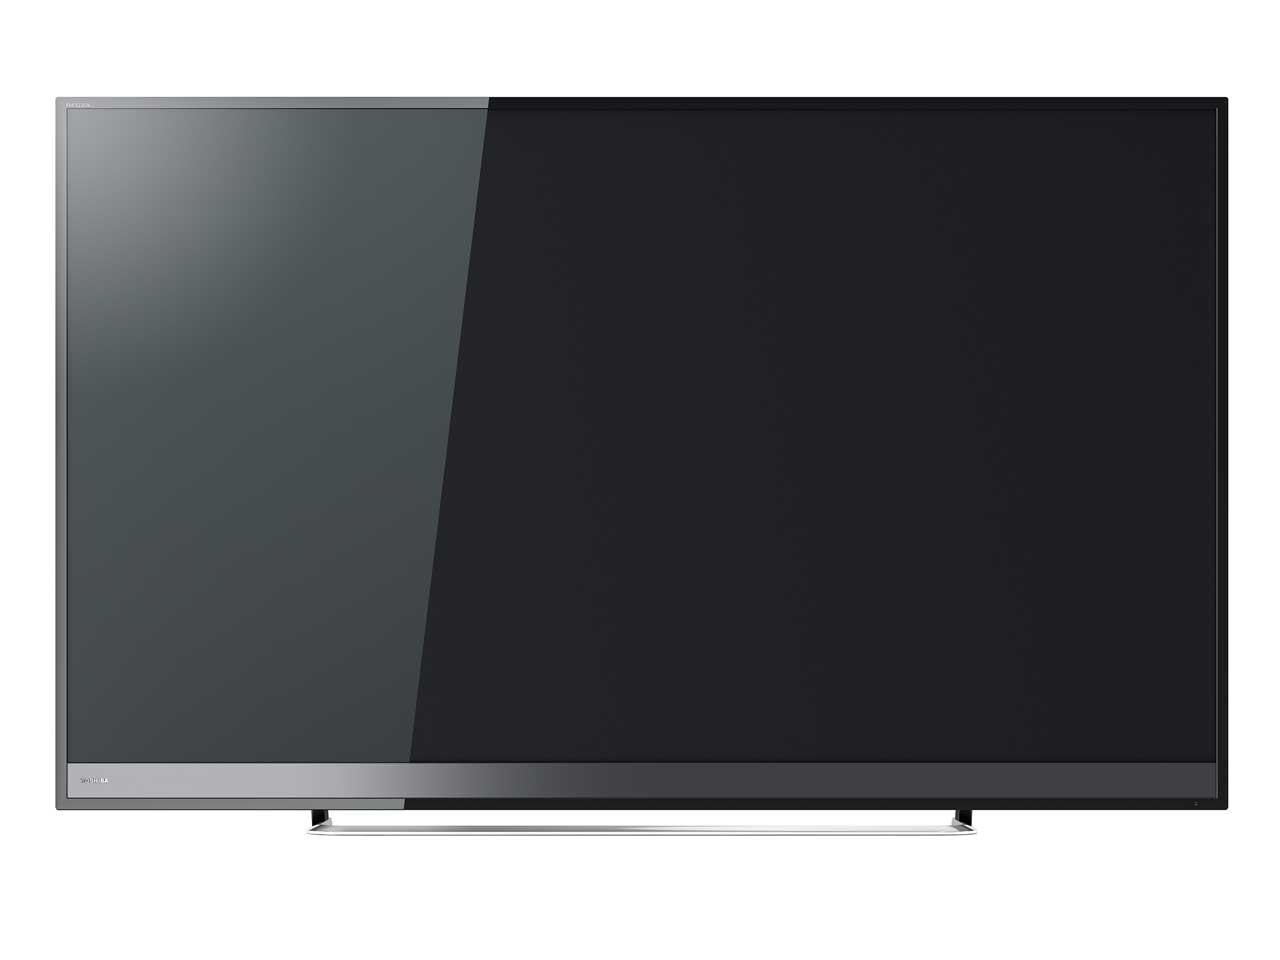 【新品/取寄品】58M510X レグザ 58V型 地上・BS・110度CSデジタルハイビジョン液晶テレビ